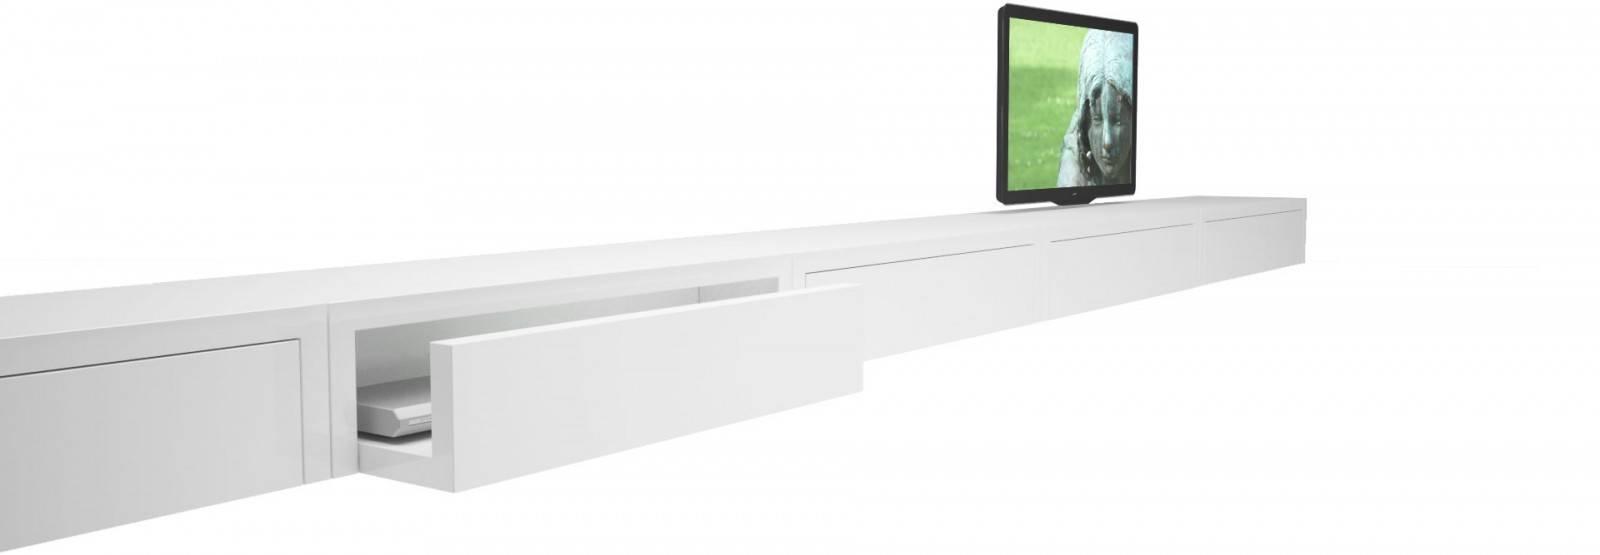 Sideboard Hangend, Kommode Repositio Kaufen Puristisch Design Inside Zum Aufhängen Sideboards (View 8 of 15)